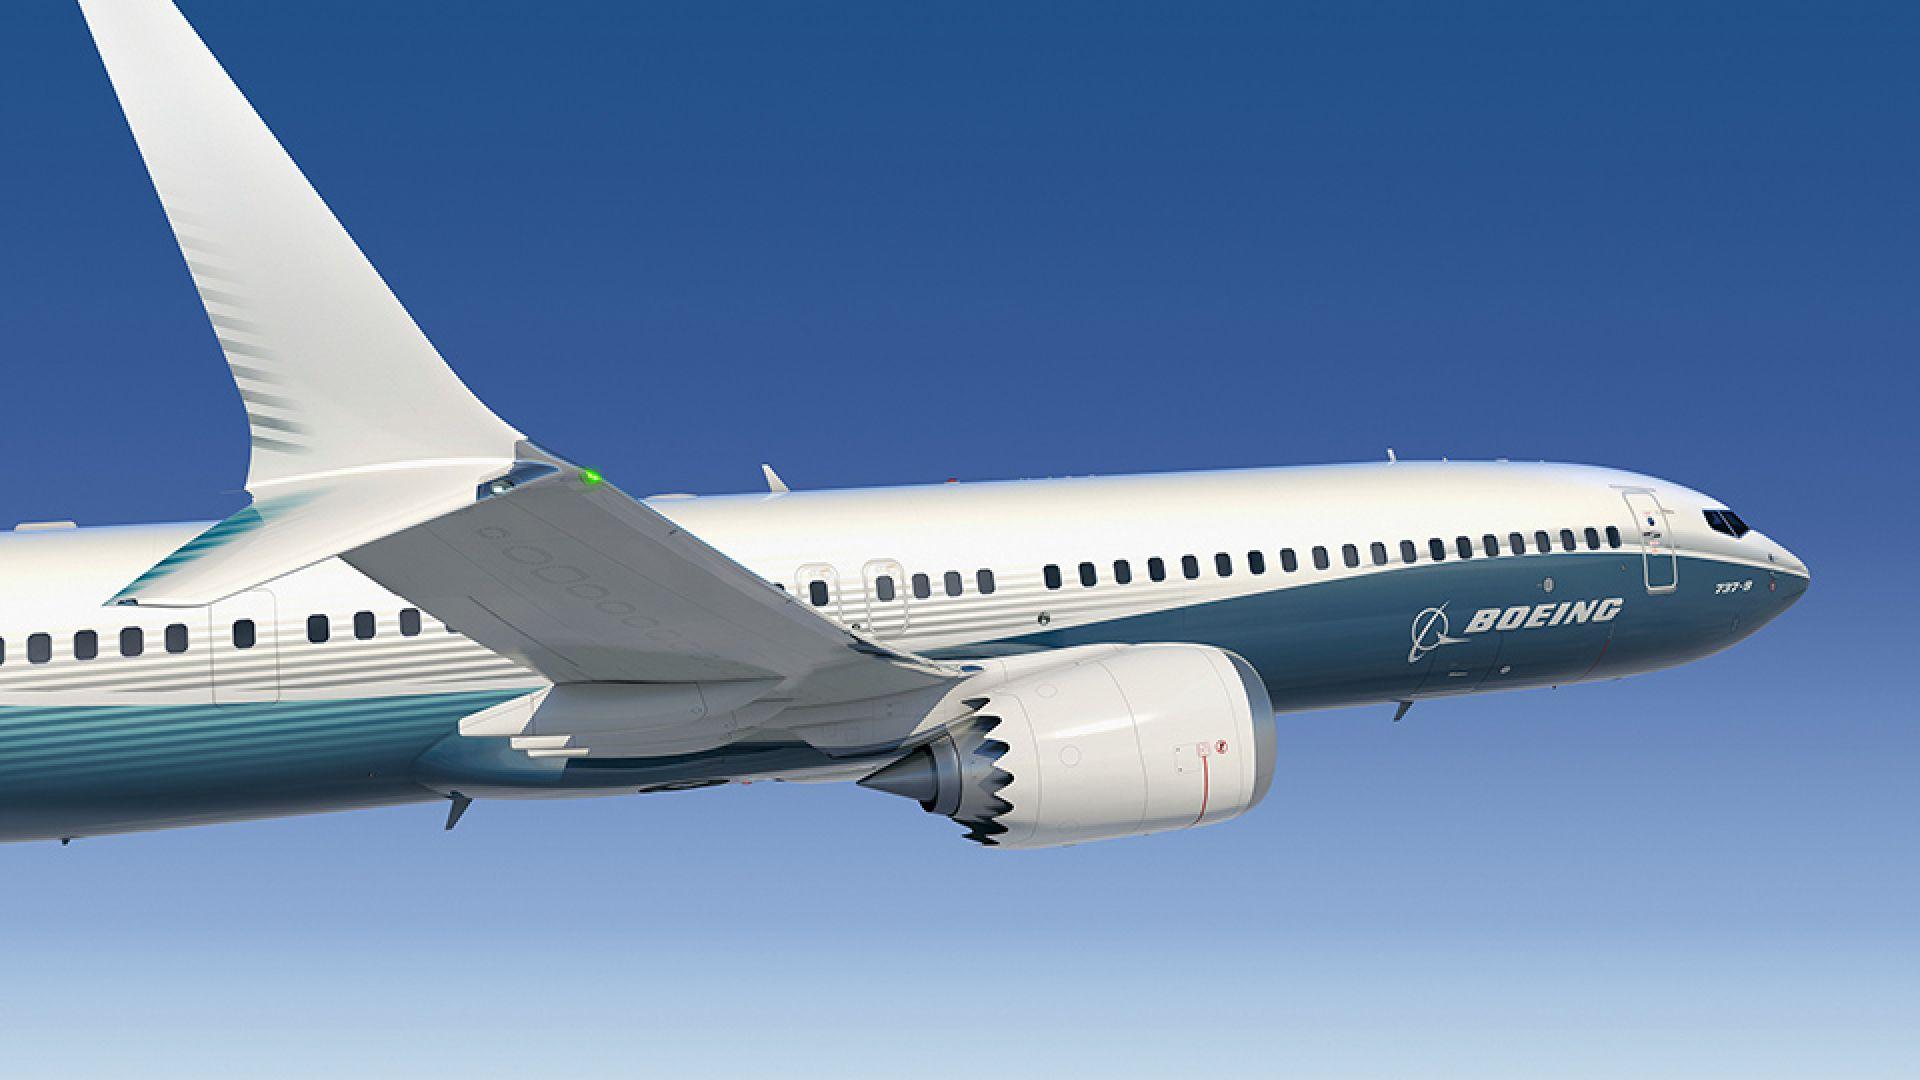 Приключиха тридневните тестови полети на Боинг 737 Макс